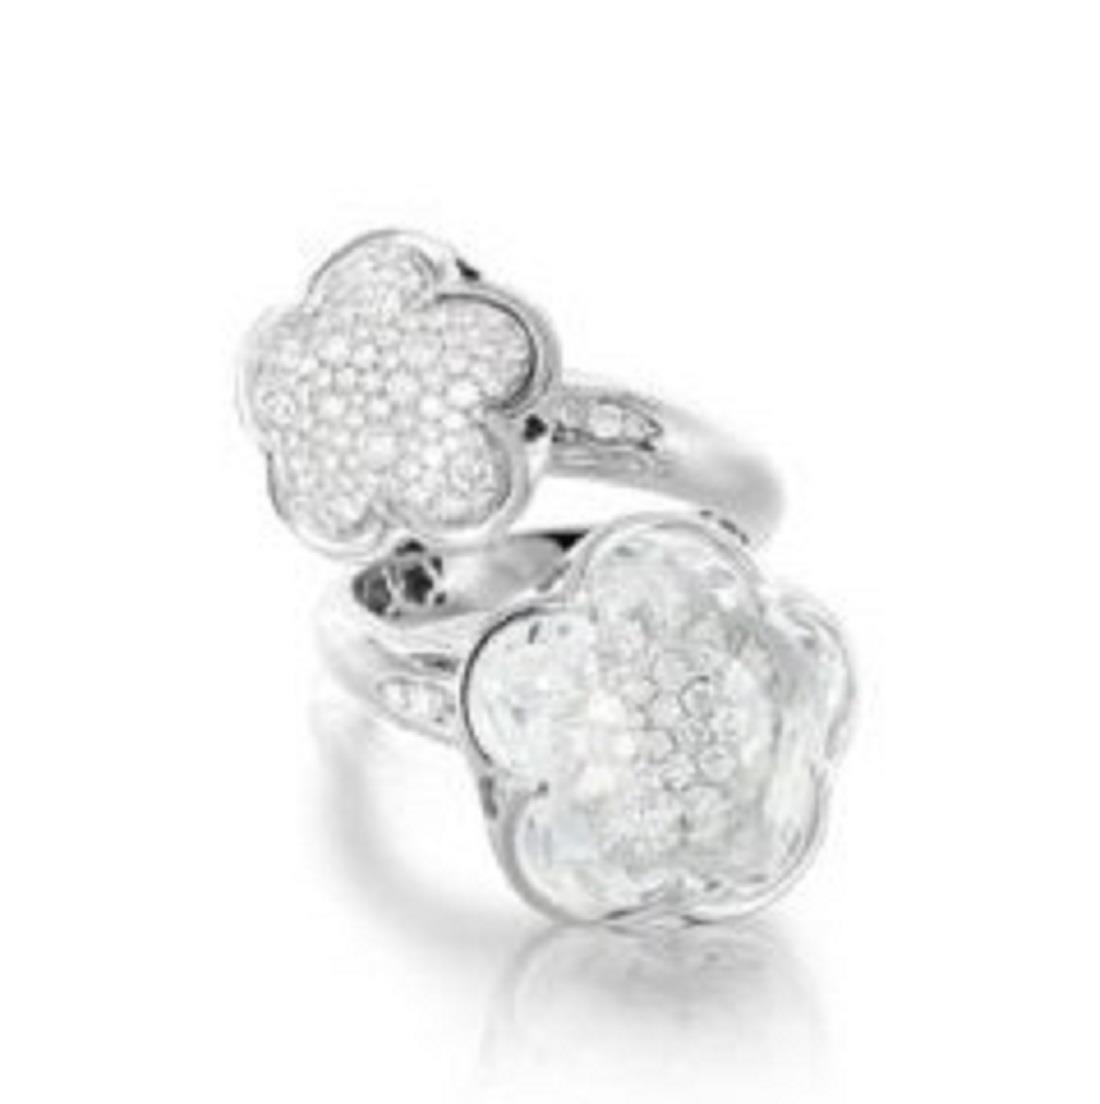 Anello con diamanti e cristallo di rocca - PASQUALE BRUNI